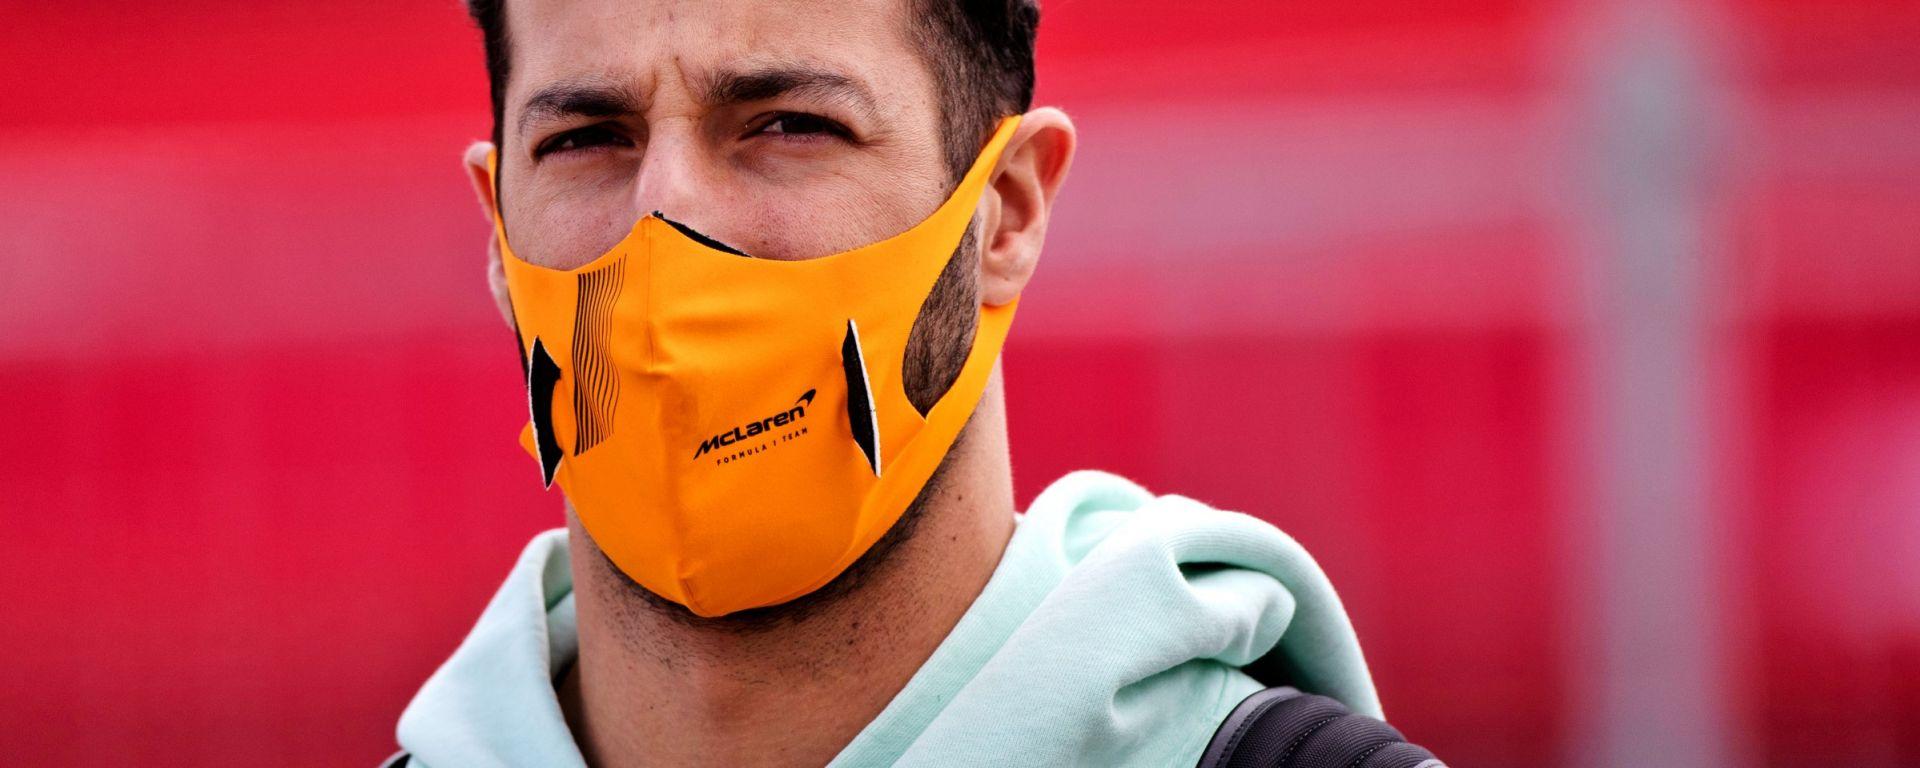 F1, GP Portogallo 2021: Daniel Ricciardo (McLaren)